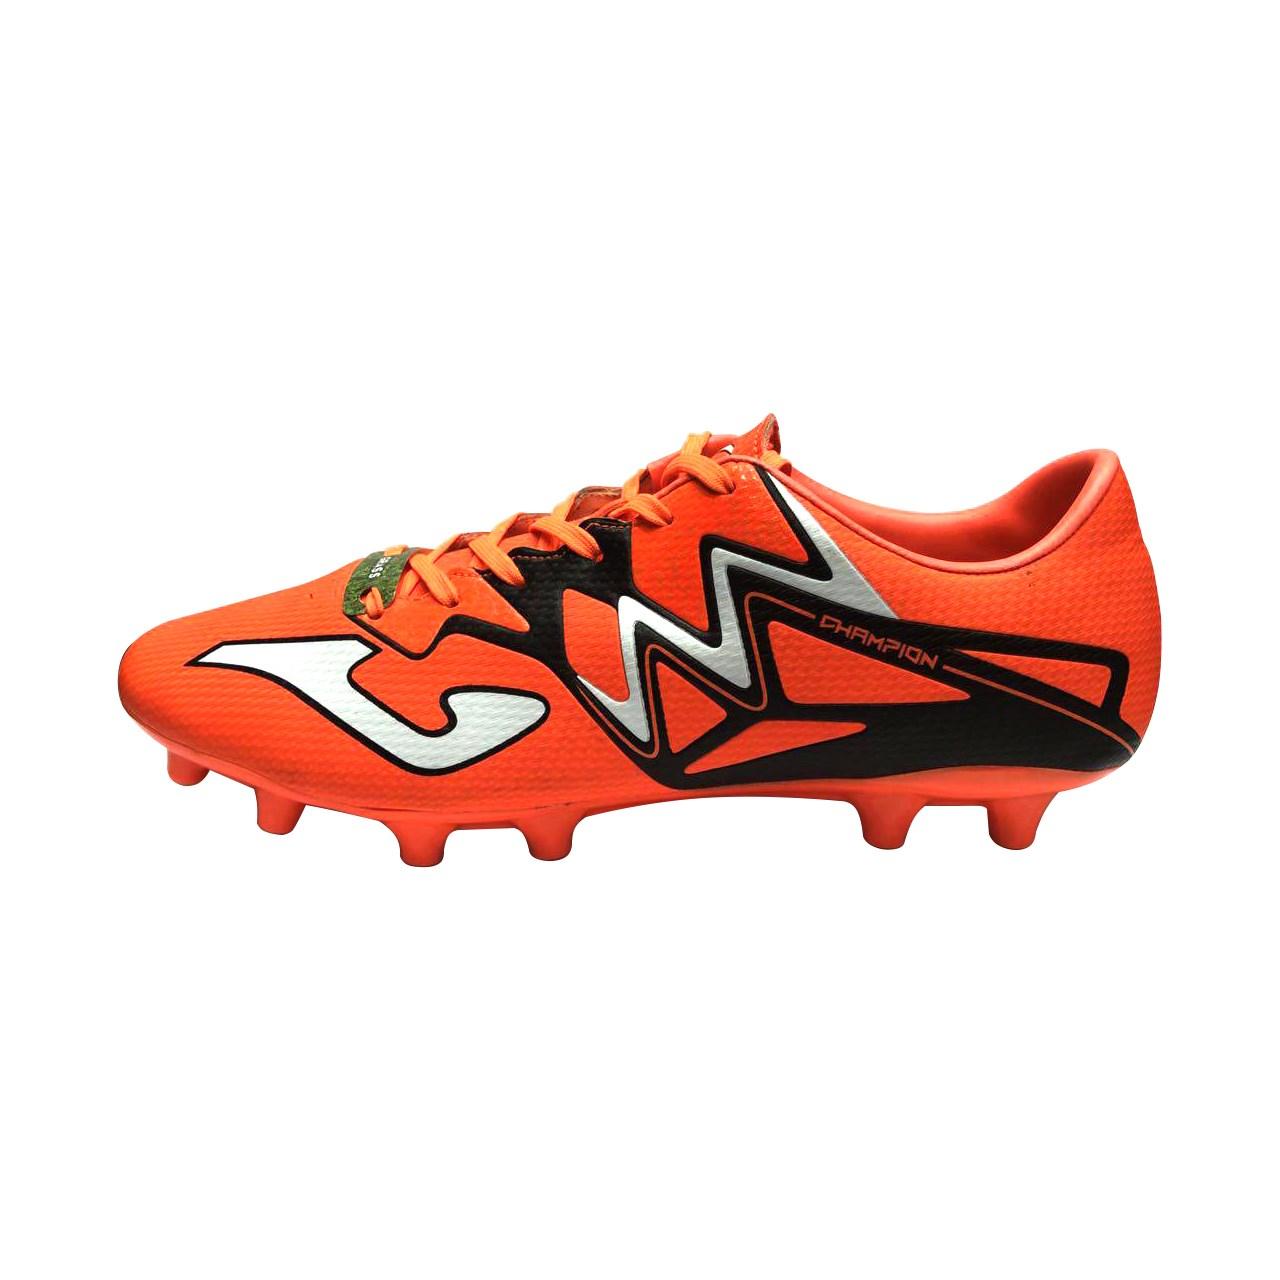 قیمت کفش مخصوص فوتبال جوما مدل CHAMPION 708